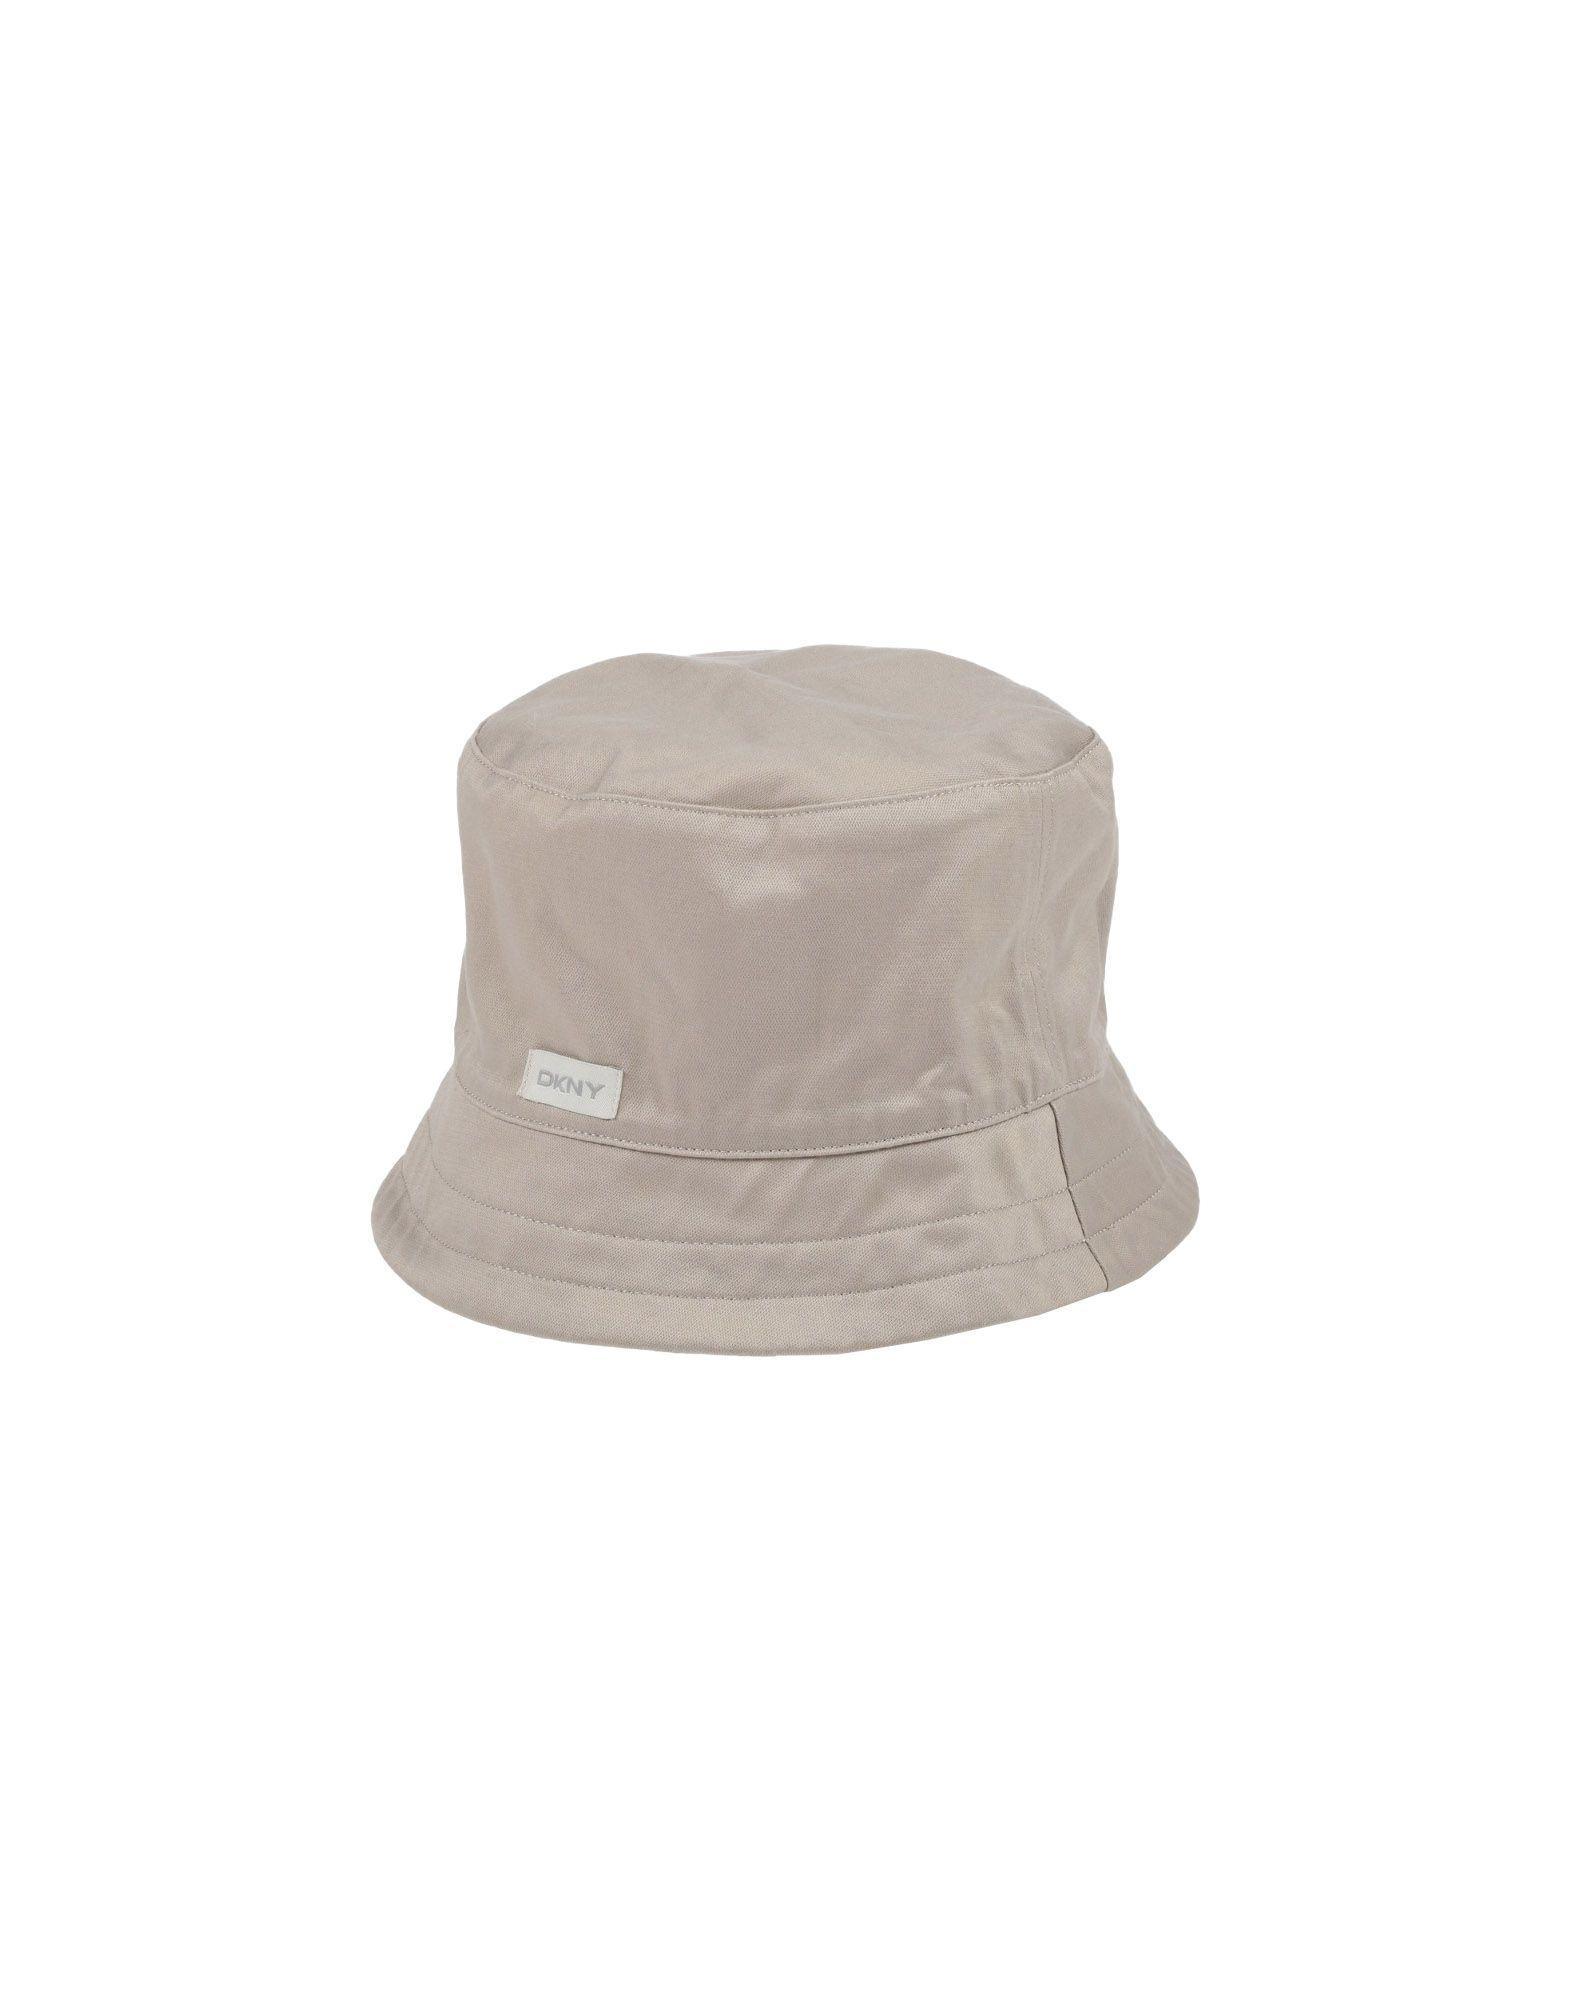 DKNY HATS.  dkny    ThingstoWear Dkny Mens e91c70921e2